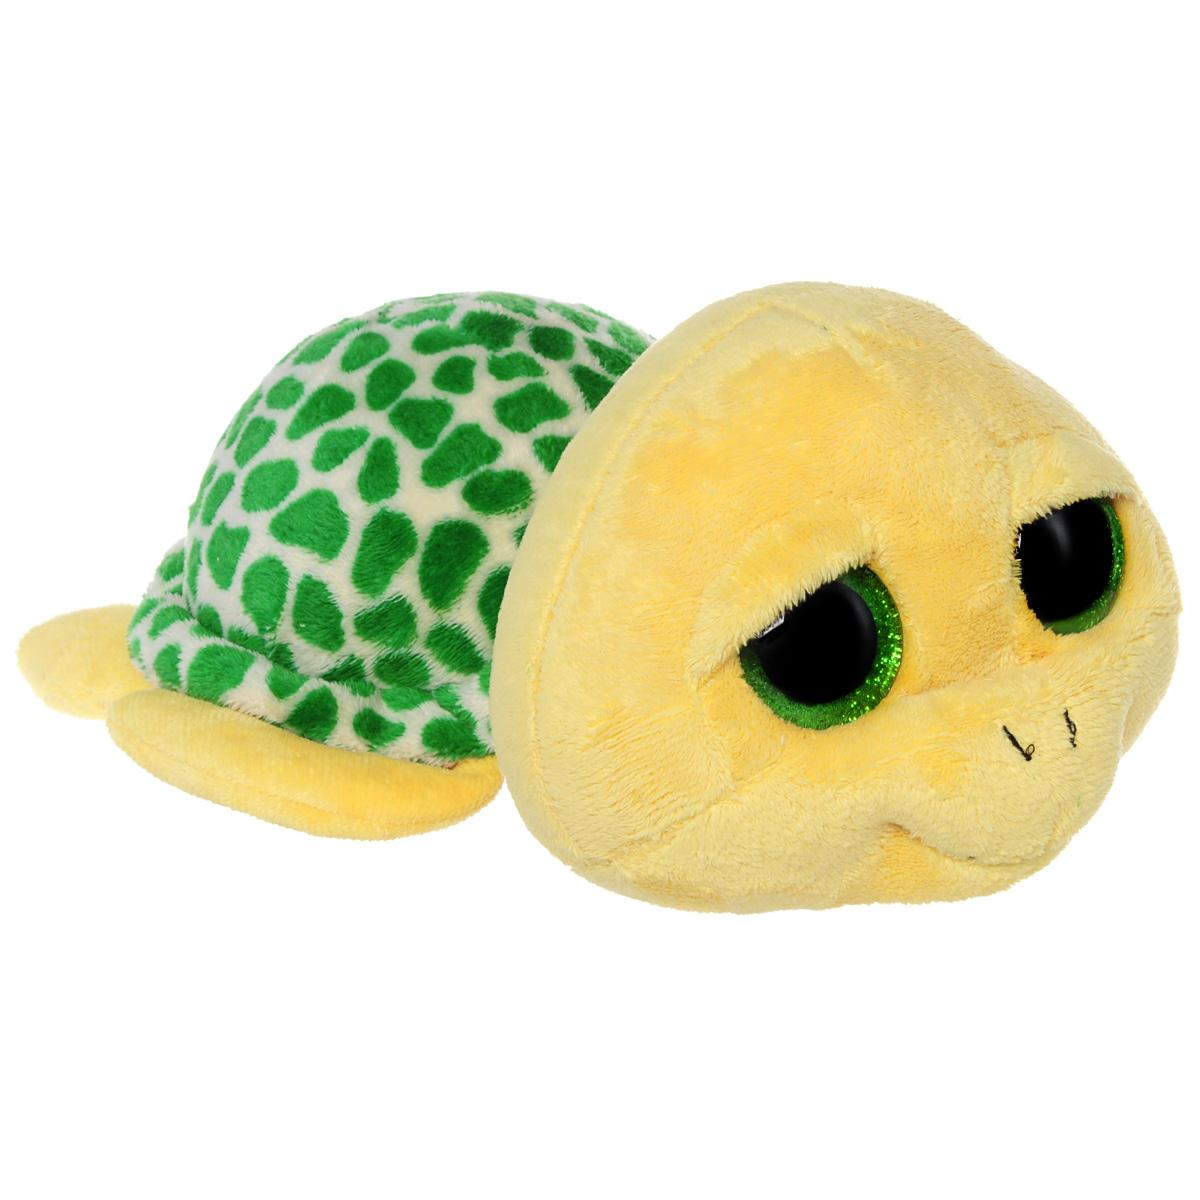 Мягкая игрушка Beanie Boos Черепашка Pokey, 45 см36807Очаровательная мягкая игрушка Beanie Boos Черепашка Pokey, выполненная в виде трогательной черепашки, непременно вызовет улыбку и симпатию и у детей, и у взрослых. Милая черепашка с выразительными искрящимися глазками изготовлена из высококачественного мягкого текстильного материала с набивкой из синтепона. Как и все игрушки серии Beanie Boos, она изготовлена вручную, с любовью и вниманием к деталям. Удивительно мягкая игрушка принесет радость и подарит своему обладателю мгновения нежных объятий и приятных воспоминаний. Великолепное качество исполнения делают эту игрушку чудесным подарком к любому празднику.